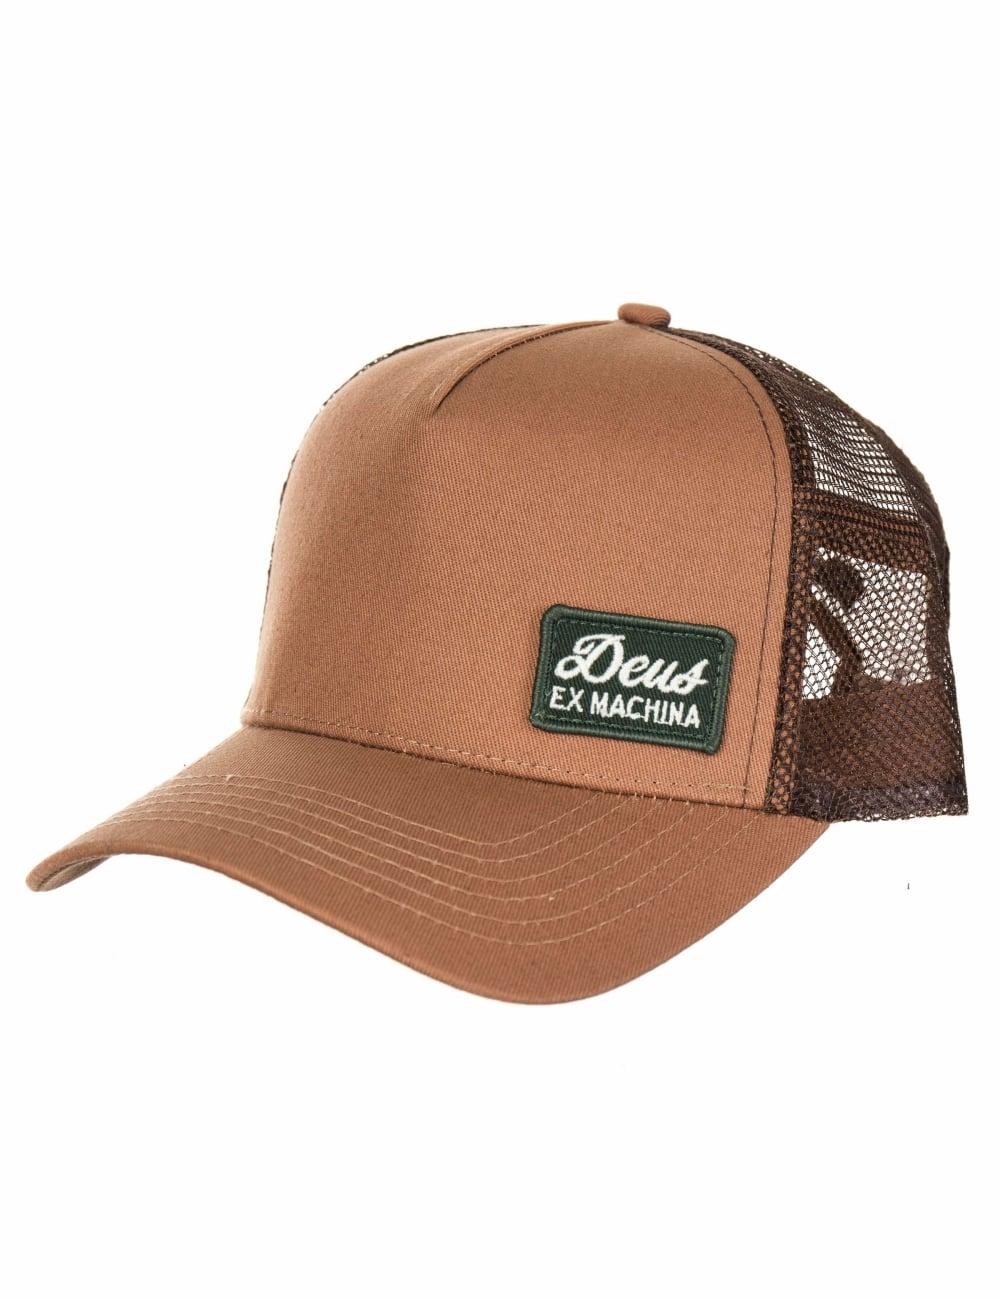 108a040e938 Deus Ex Machina Morgan 2 Trucker Hat - Tan - Hat Shop from Fat ...